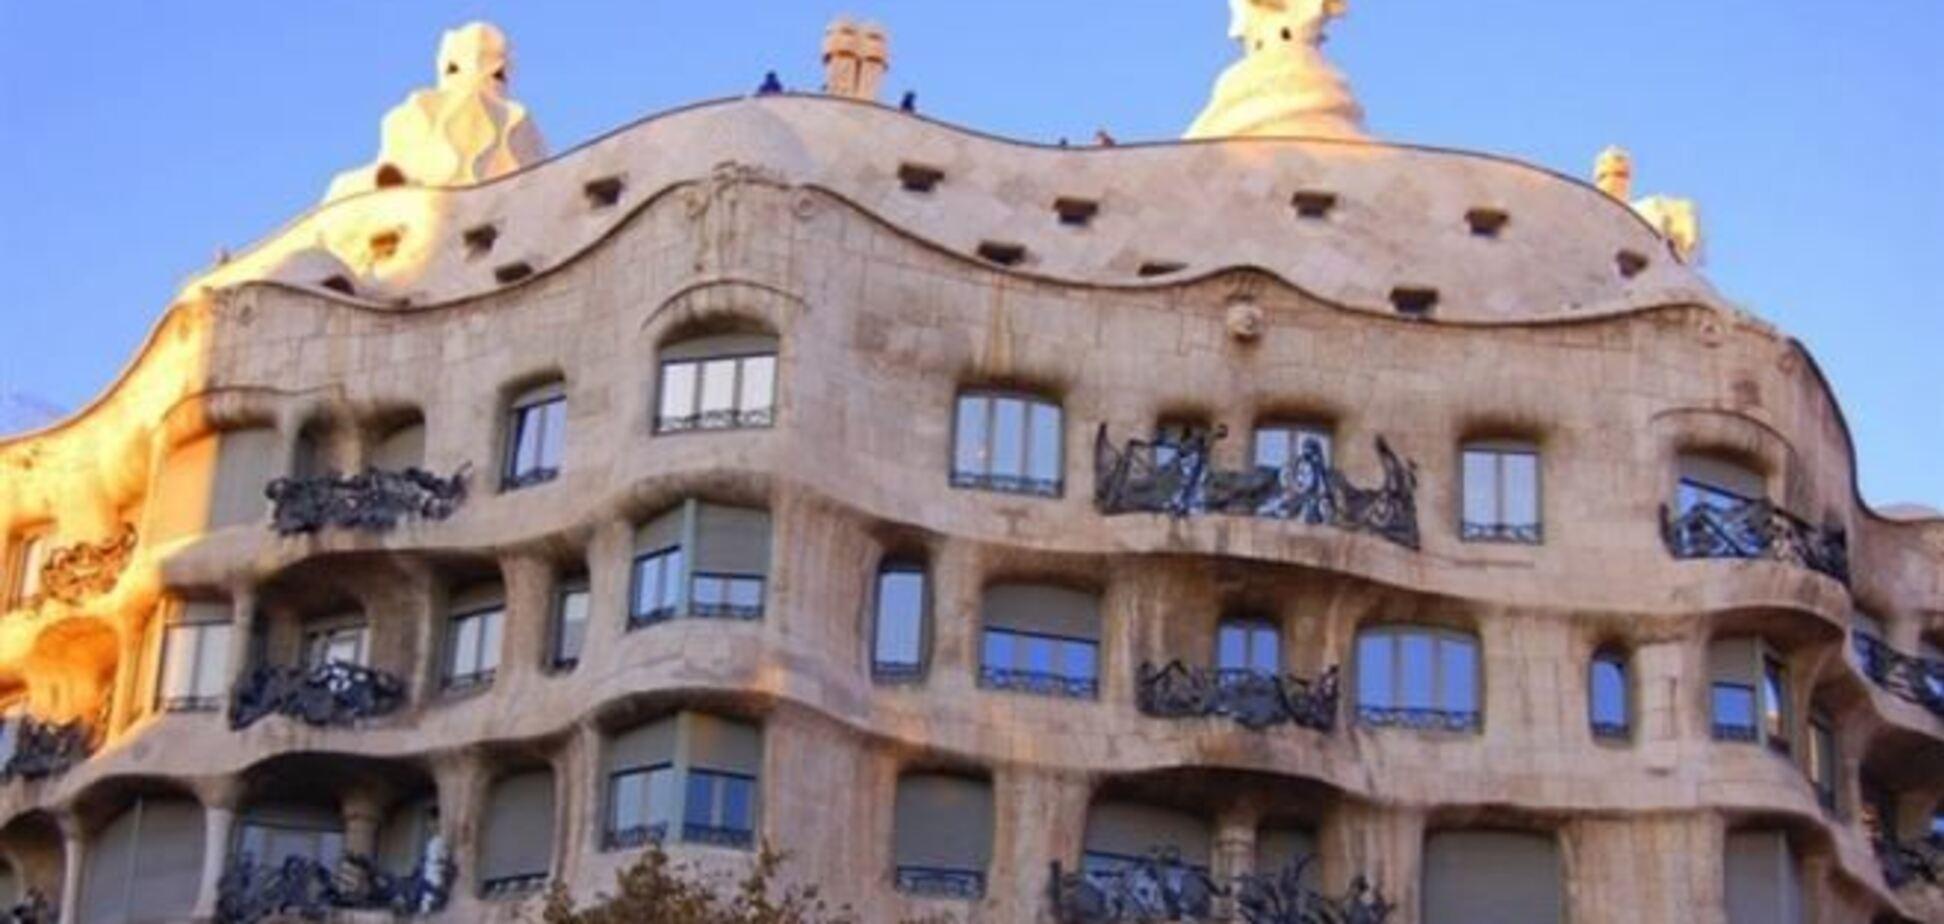 Крупнейшие гостиничные сети готовы инвестировать в Барселону